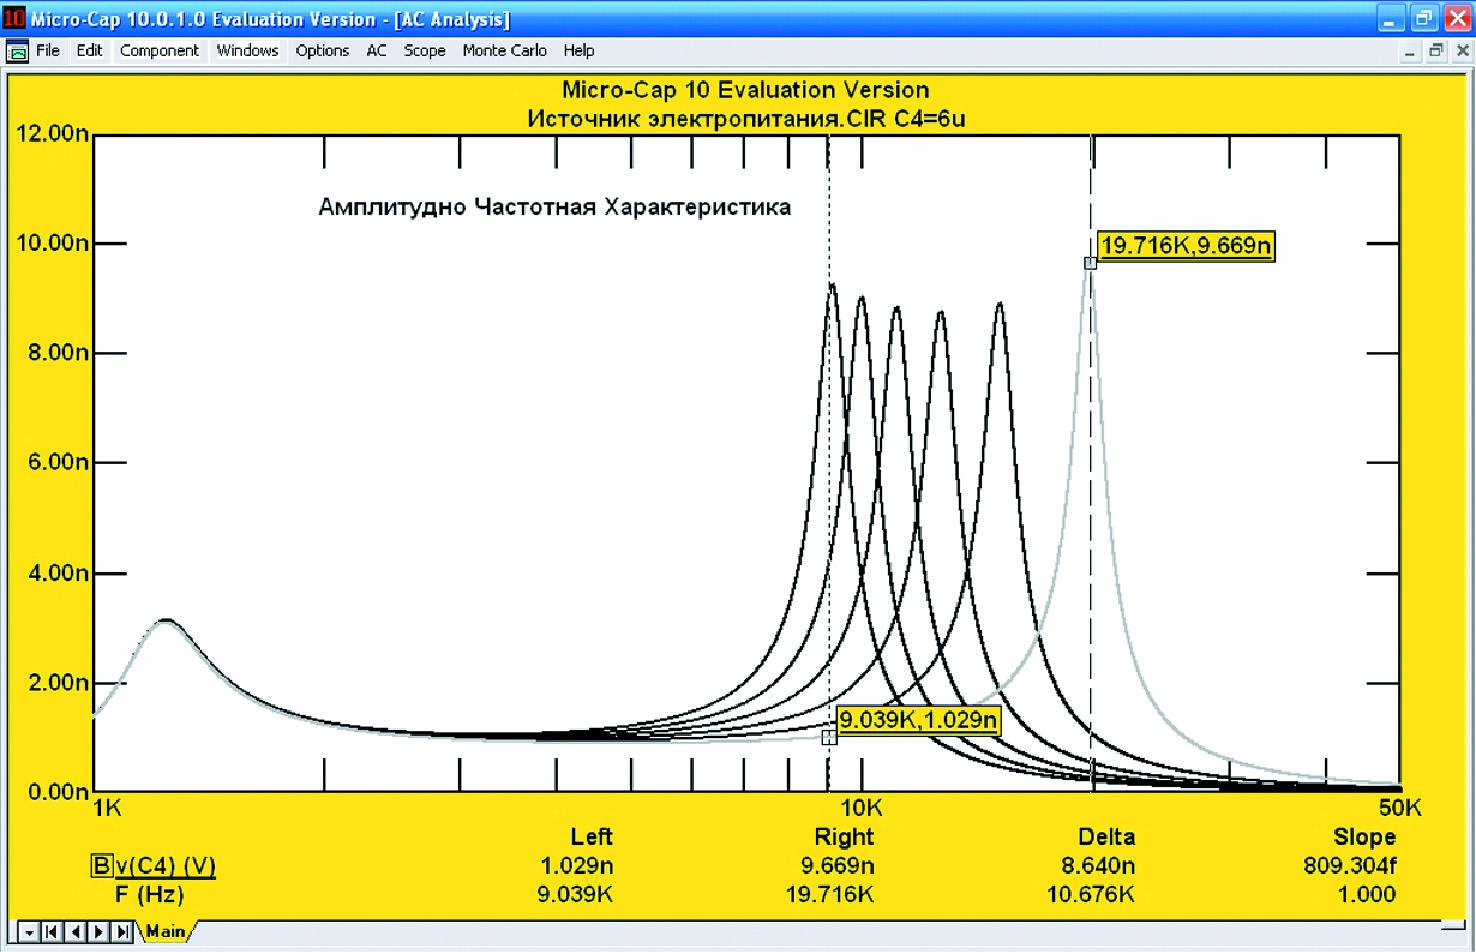 Семейство АЧХ ИЭП приизменении емкости конденсатора колебательного контура нагрузки